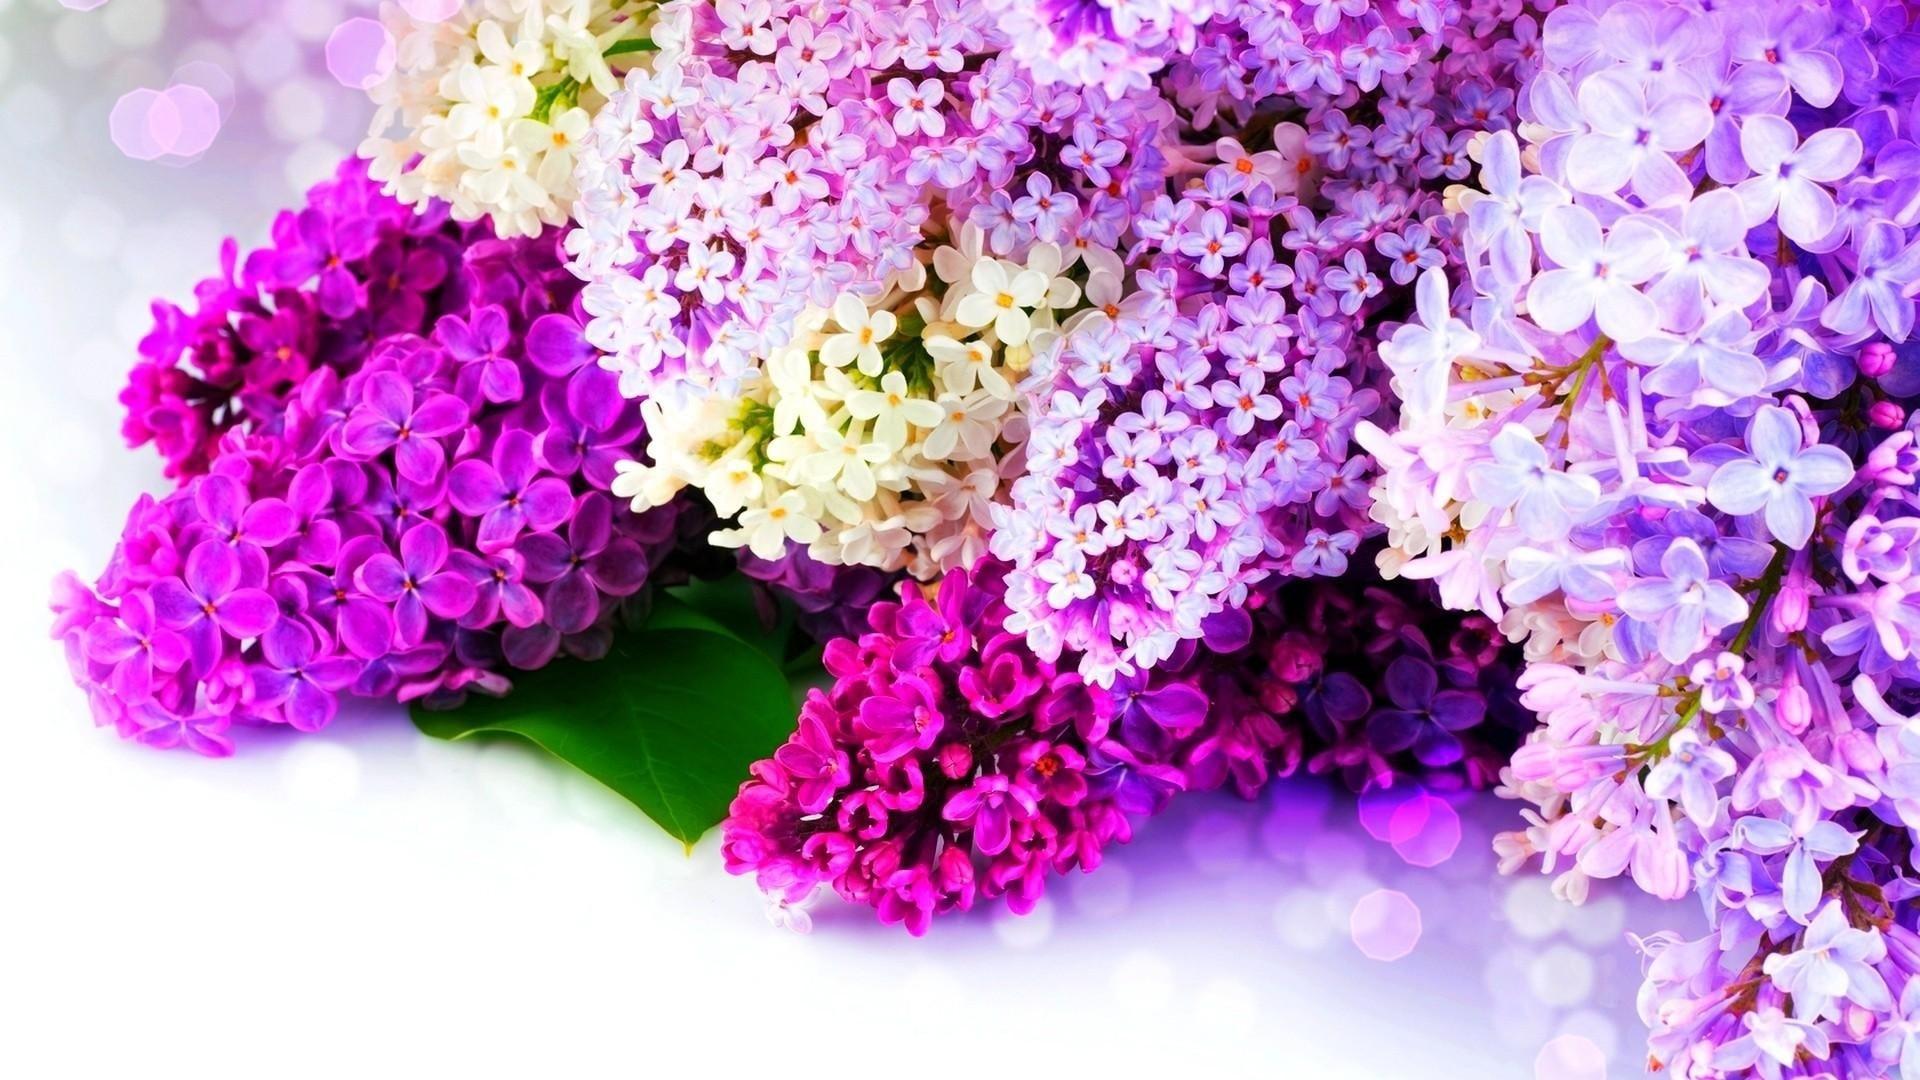 Image for Spring Wallpaper For Computer Desktop DF6